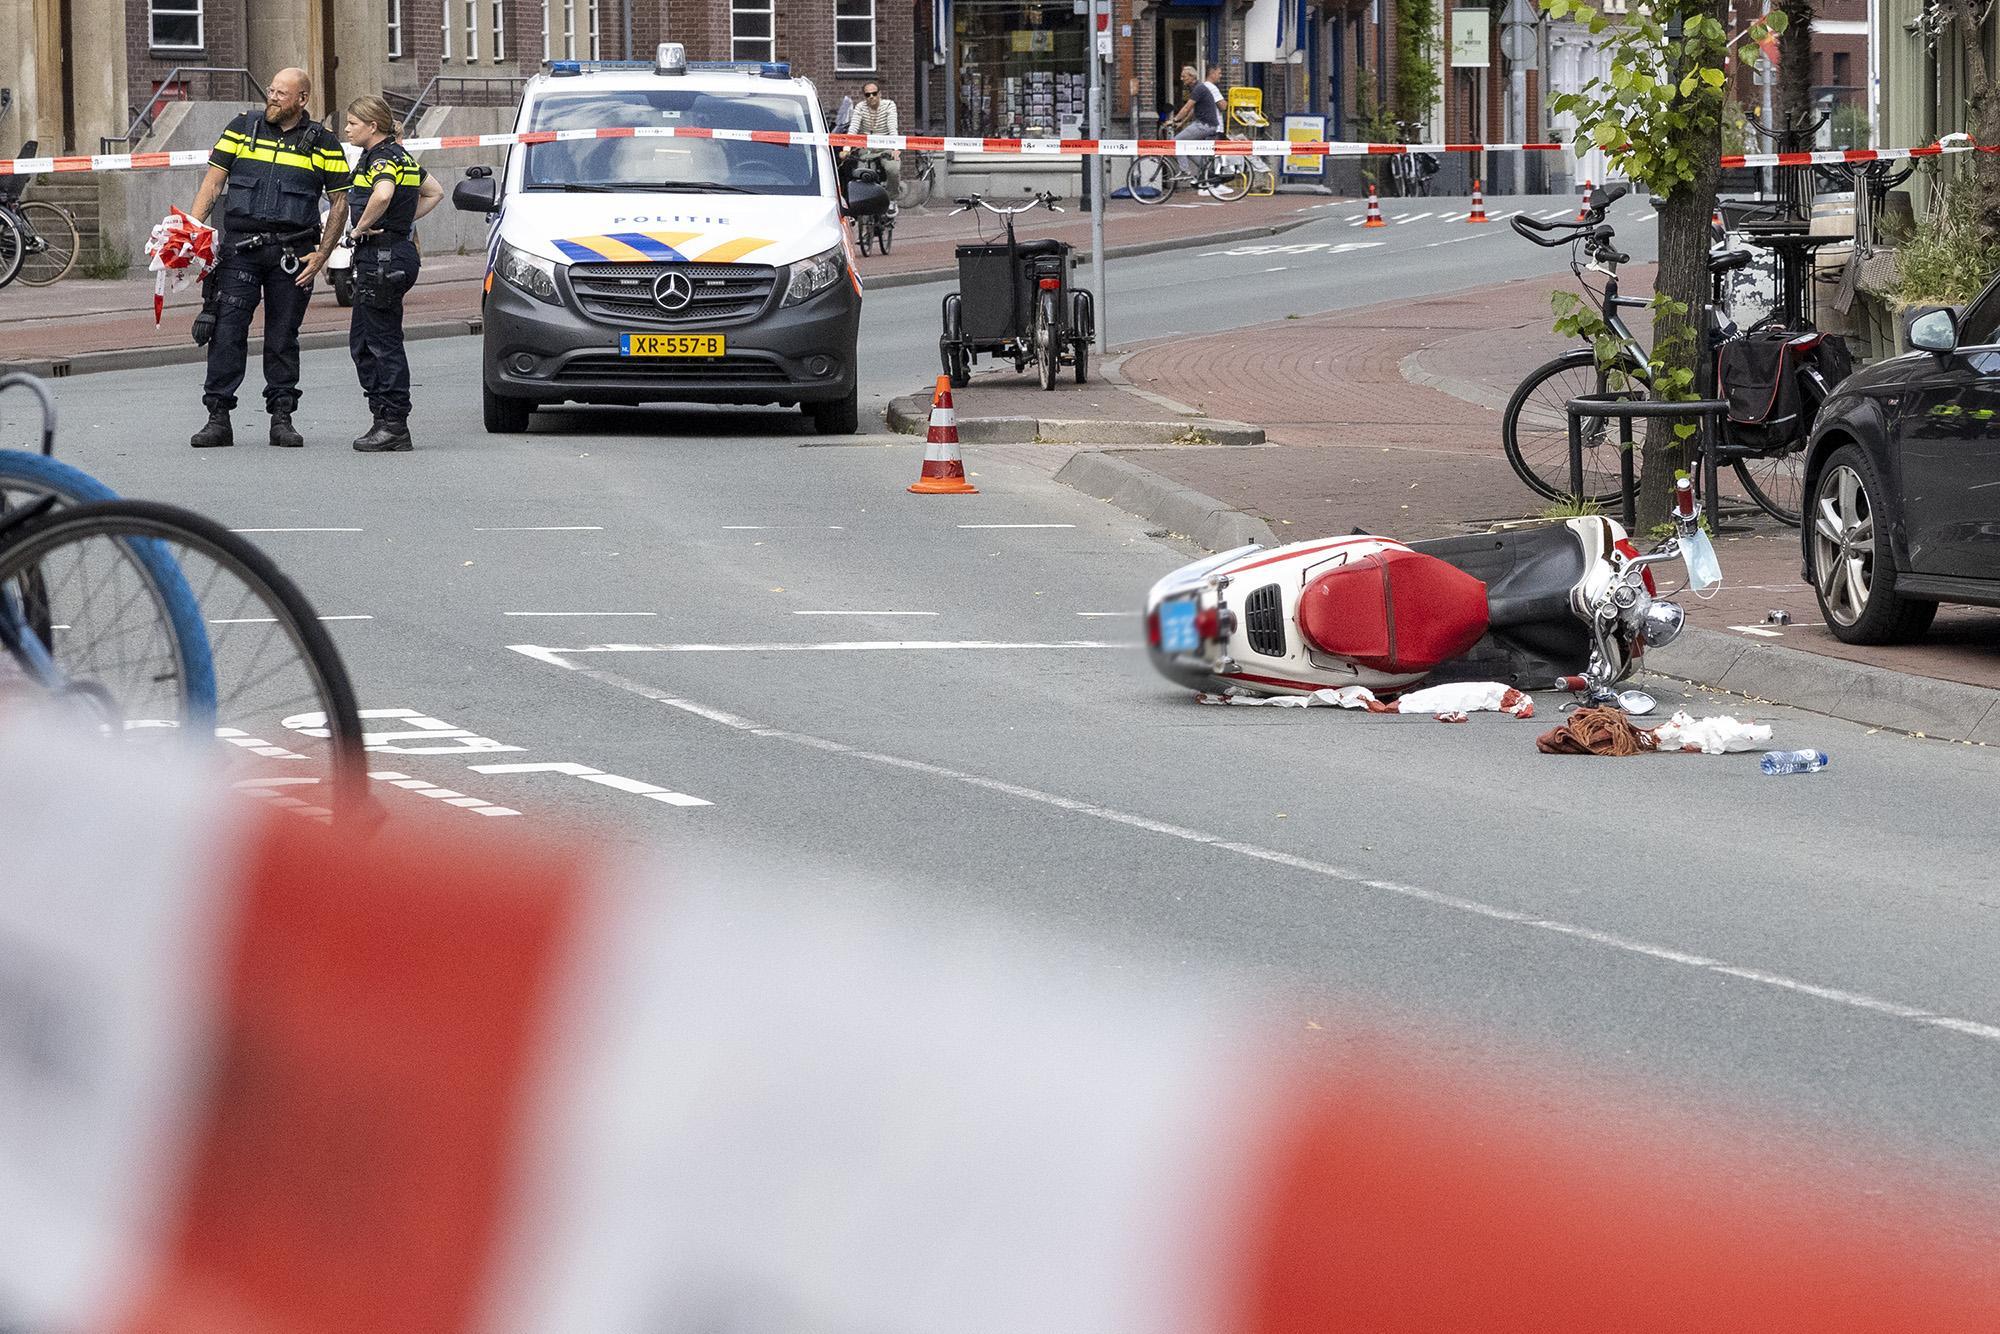 Scooterrijder ernstig gewond bij ongeval in centrum van Haarlem